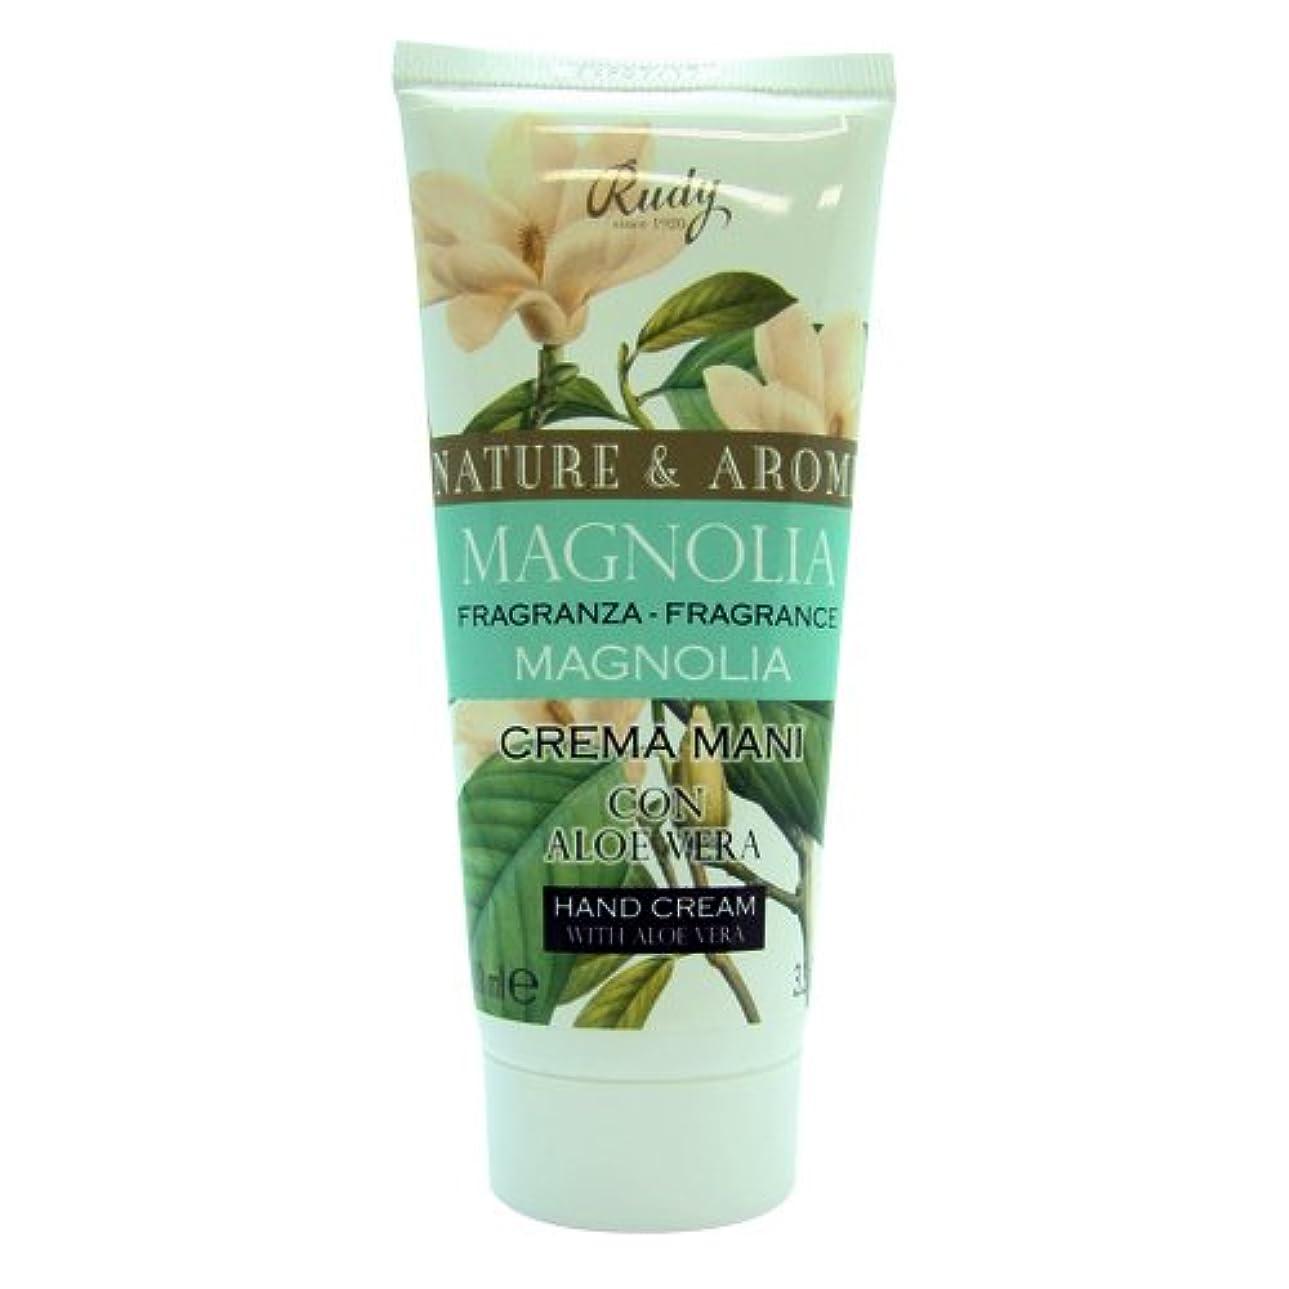 千浴室避難するRUDY Nature&Arome SERIES ルディ ナチュール&アロマ Hand Cream ハンドクリーム  Magnolia マグノリア